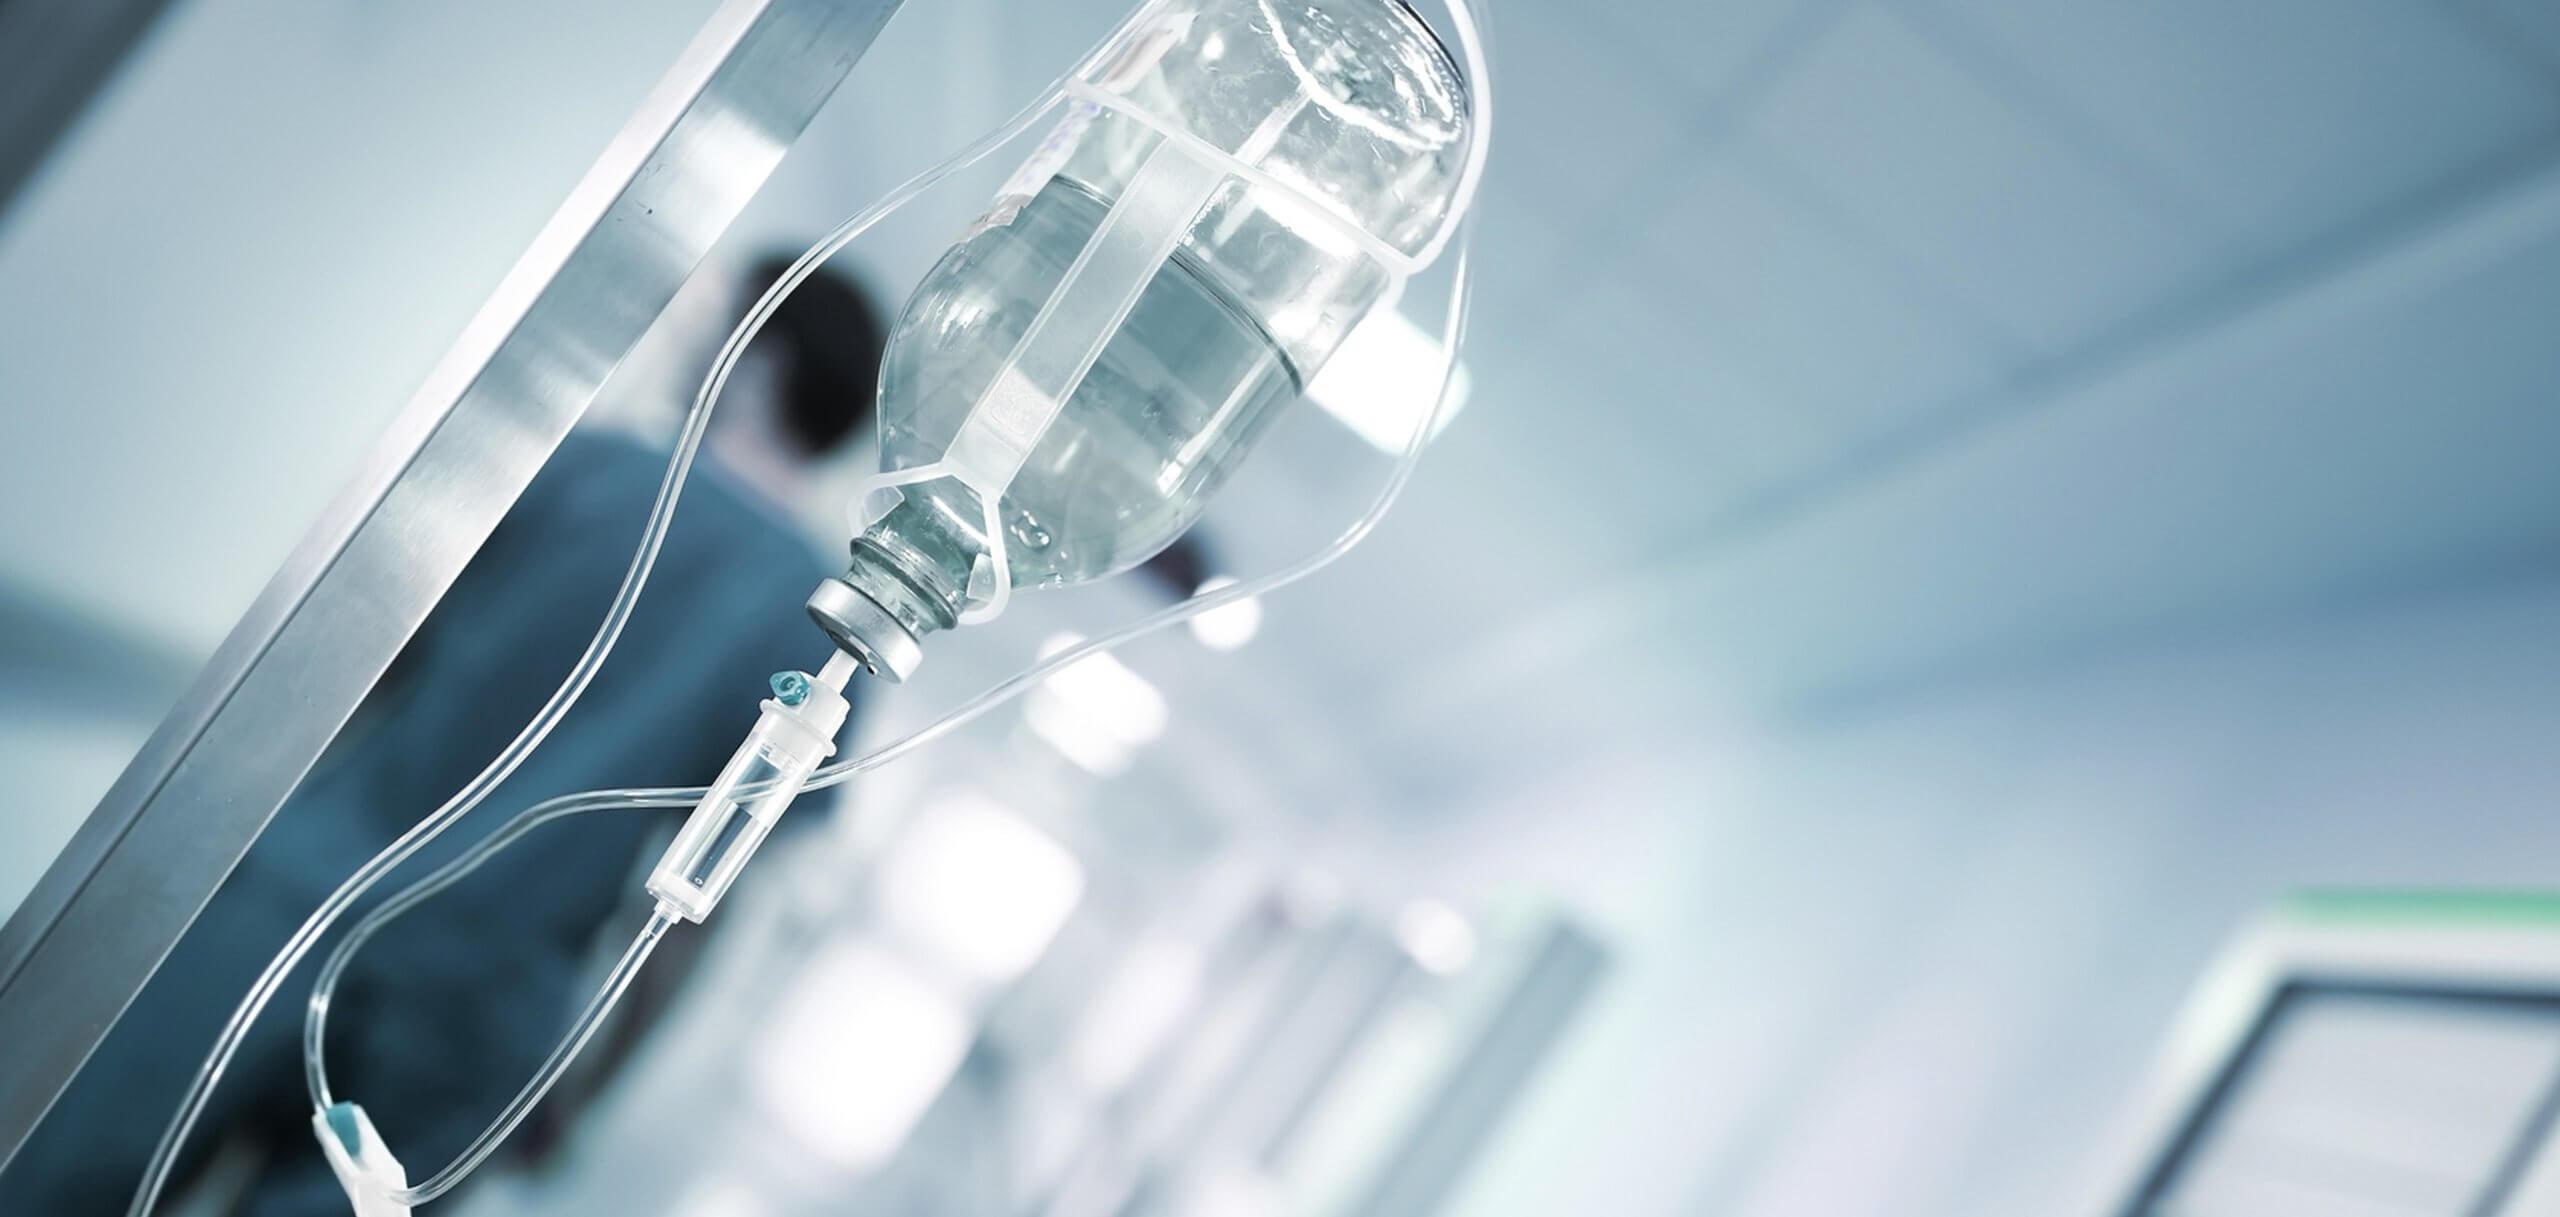 Netsteril soluciones y equipos de proceso